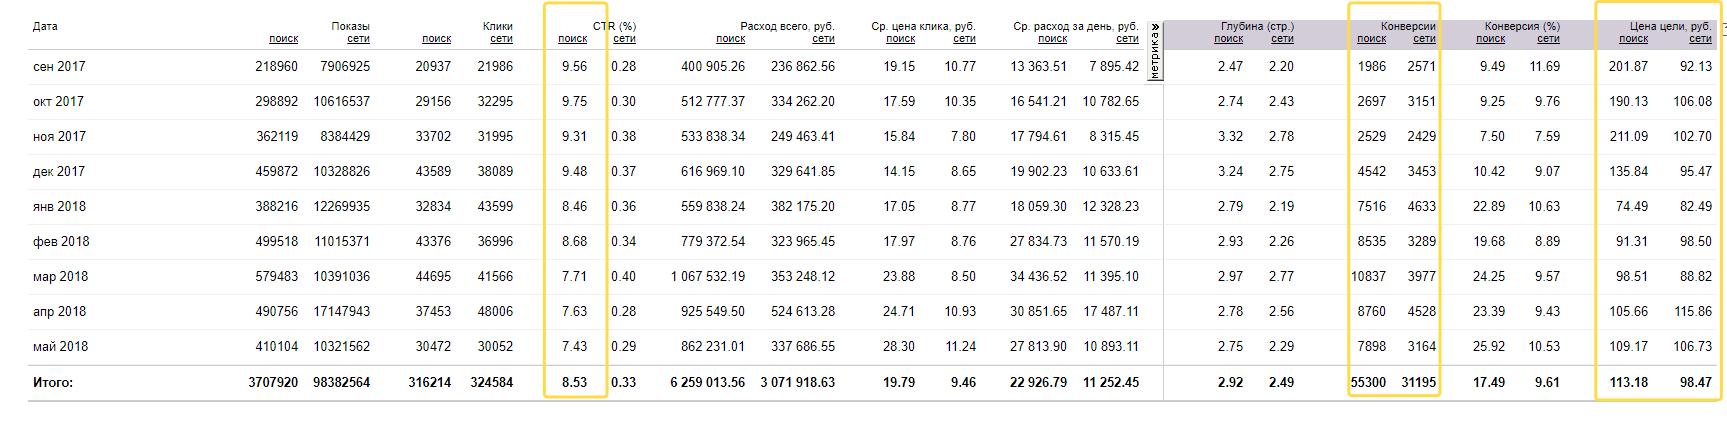 Показатели за последние года и месяцы по всем кампаниям